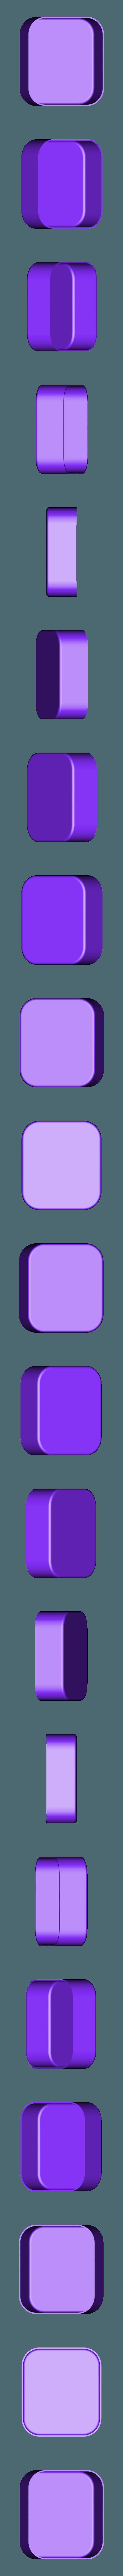 Skadis_Shelf_80mm.stl Télécharger fichier STL gratuit IKEA SKADIS Conteneur / Placard • Modèle imprimable en 3D, CSD_Salzburg